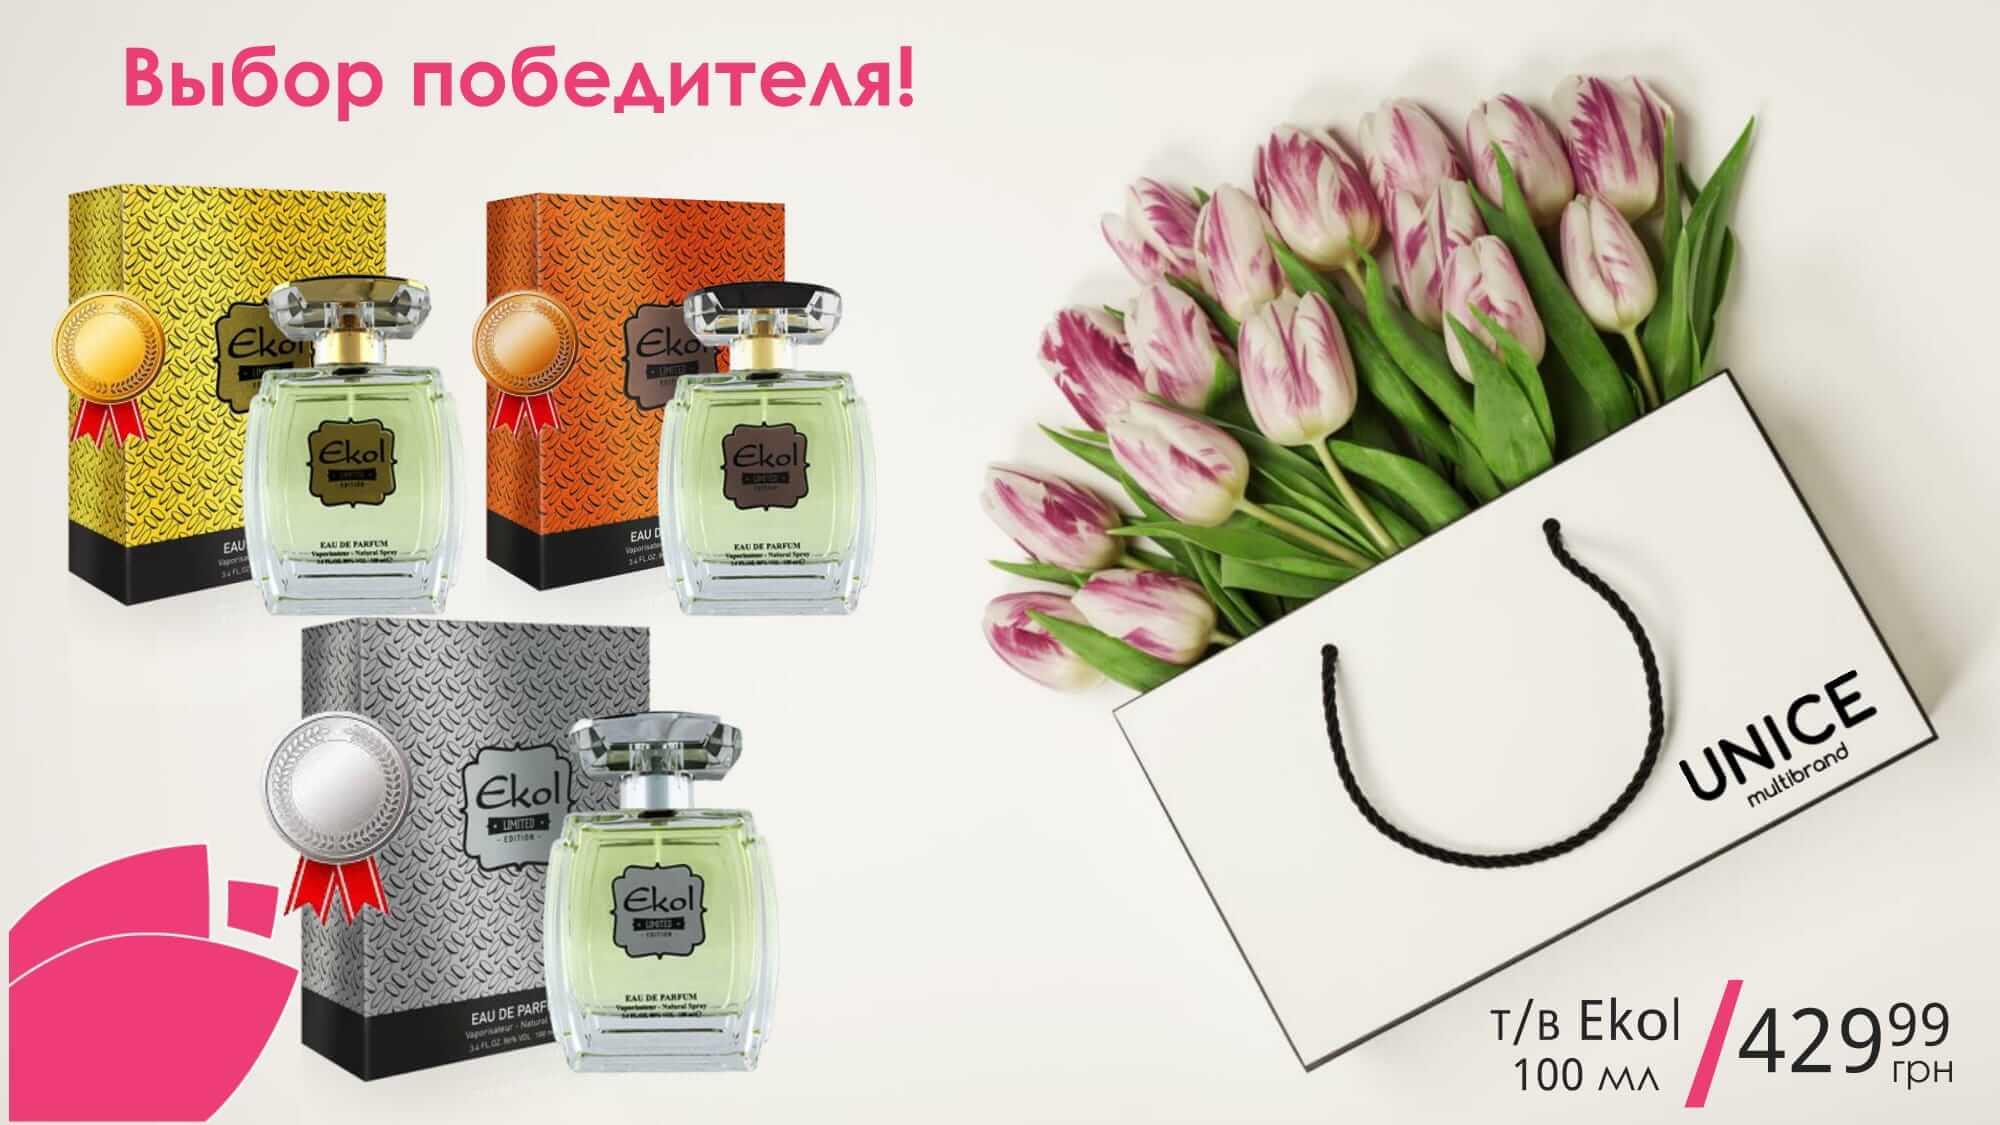 Акции и новинки от Unice.kharkiv.ua